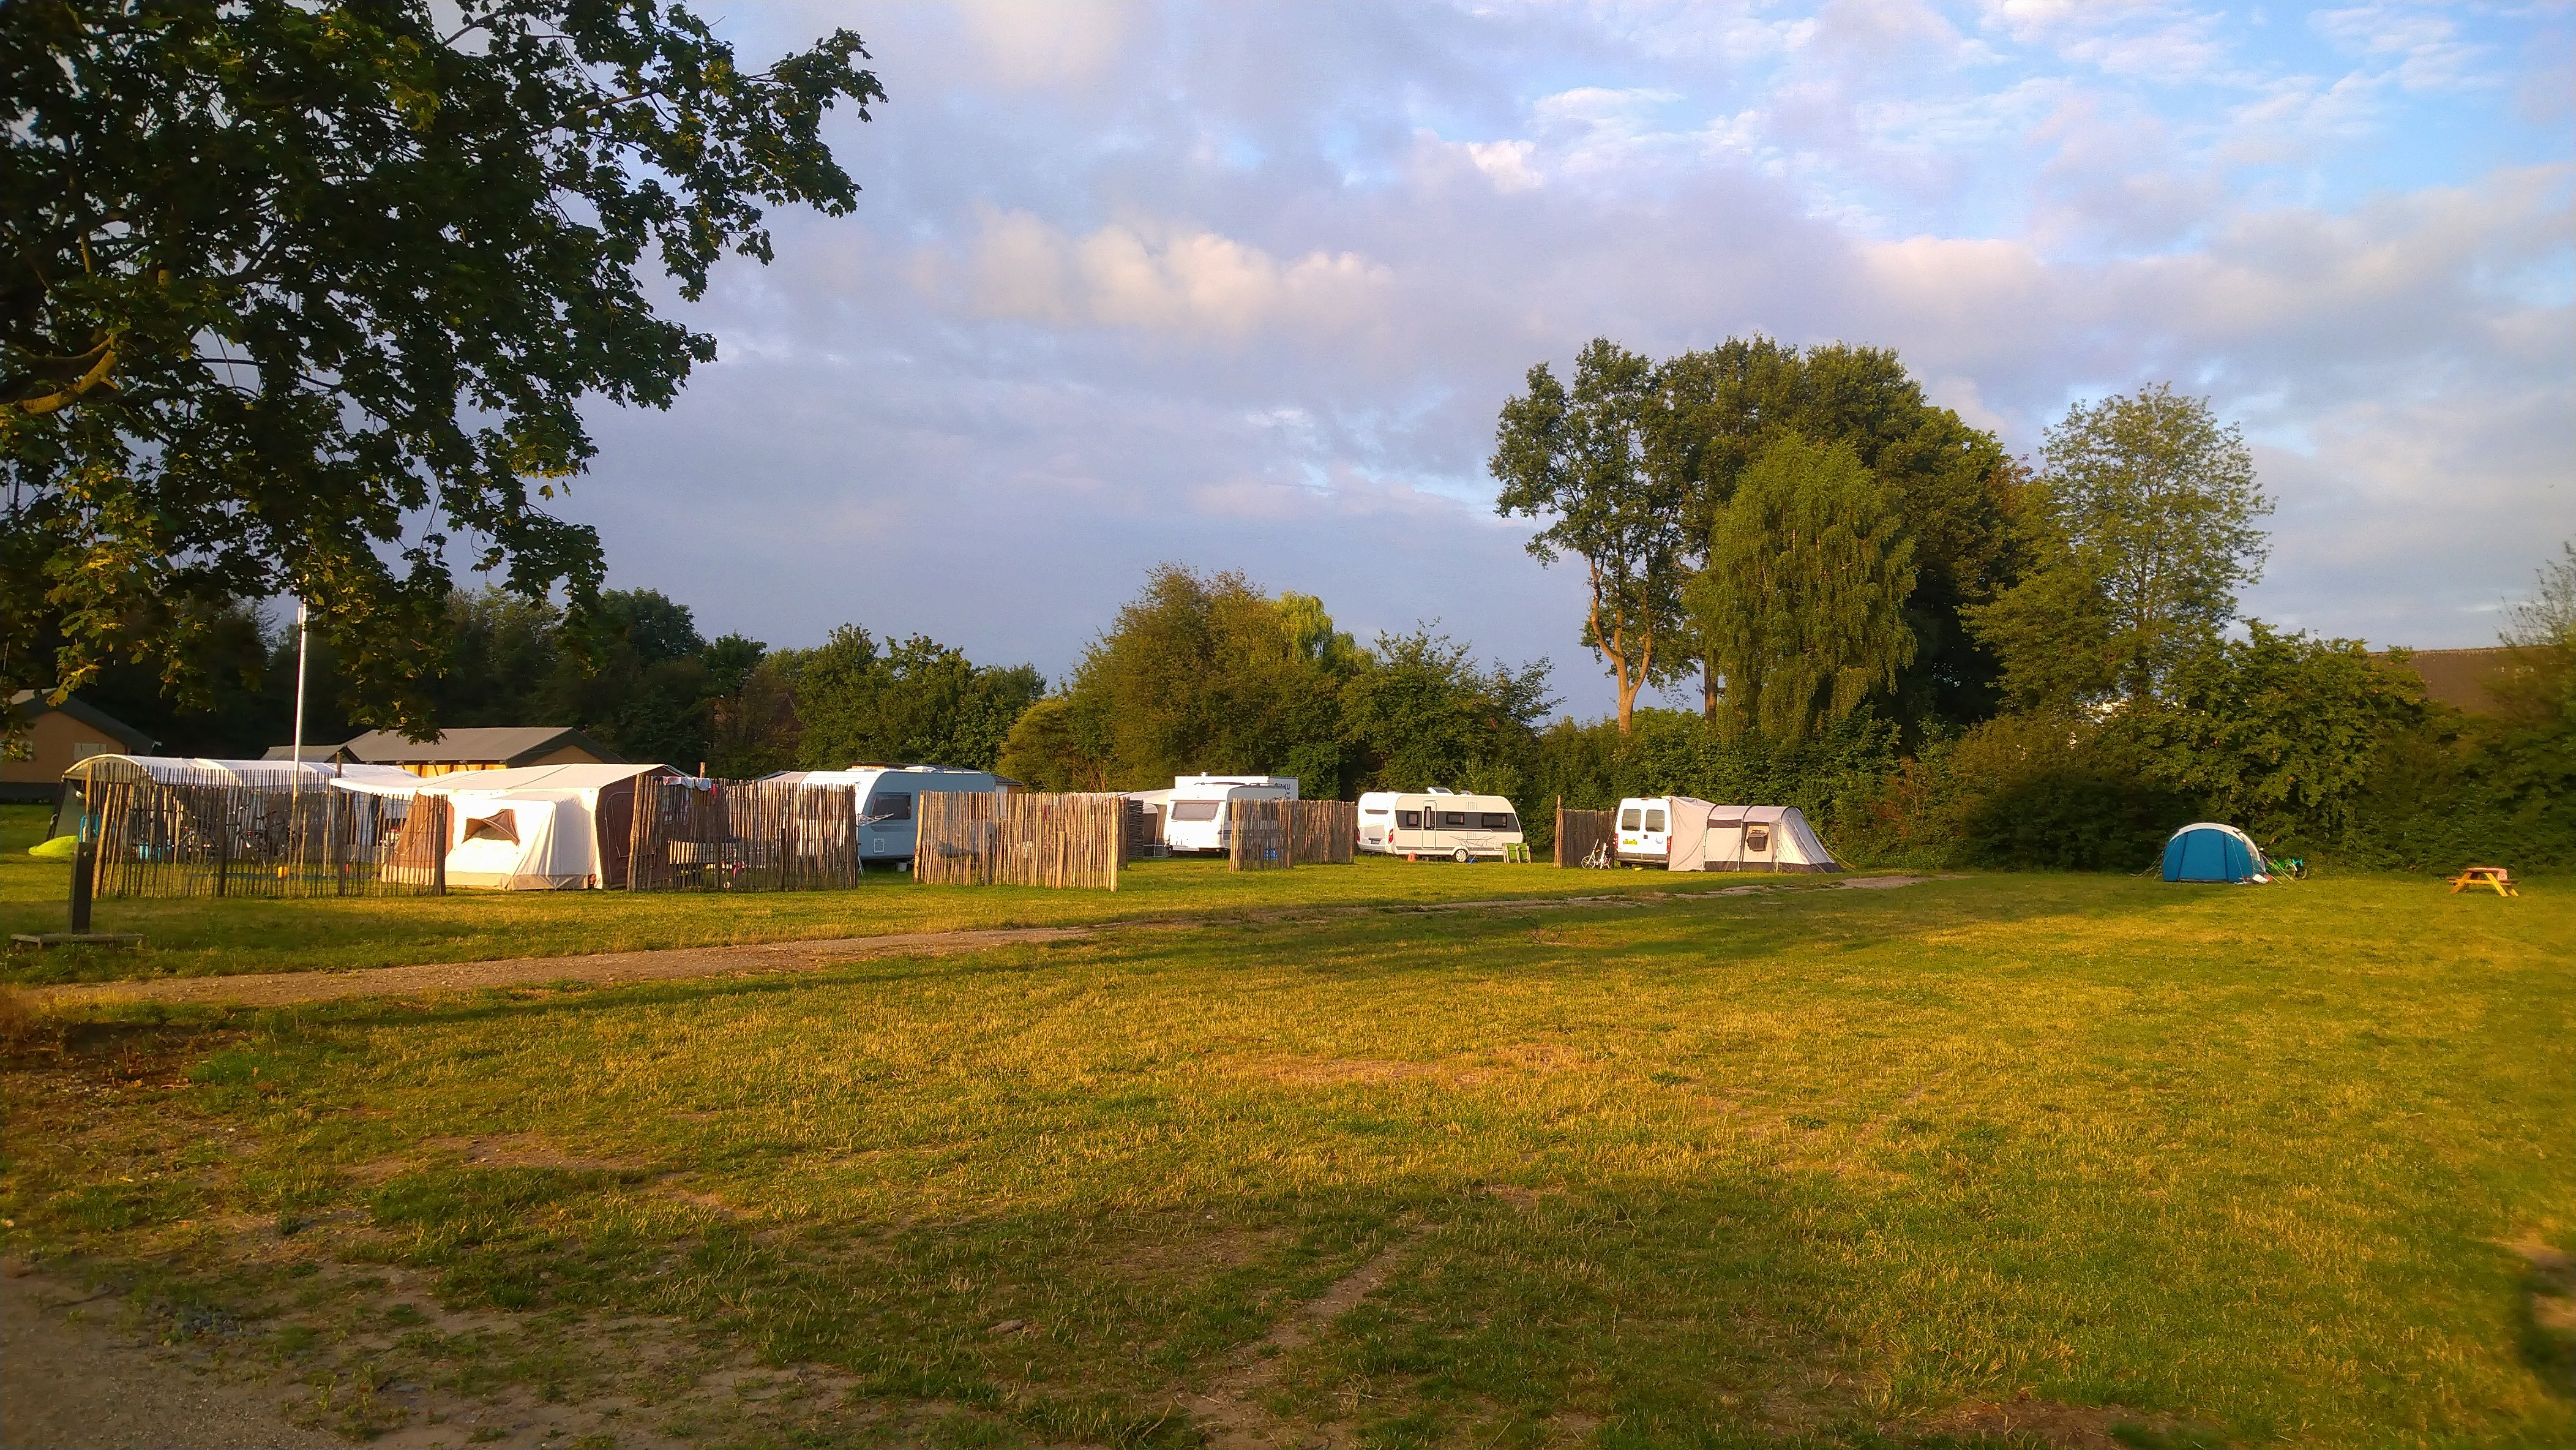 kampeerplaats02.jpg